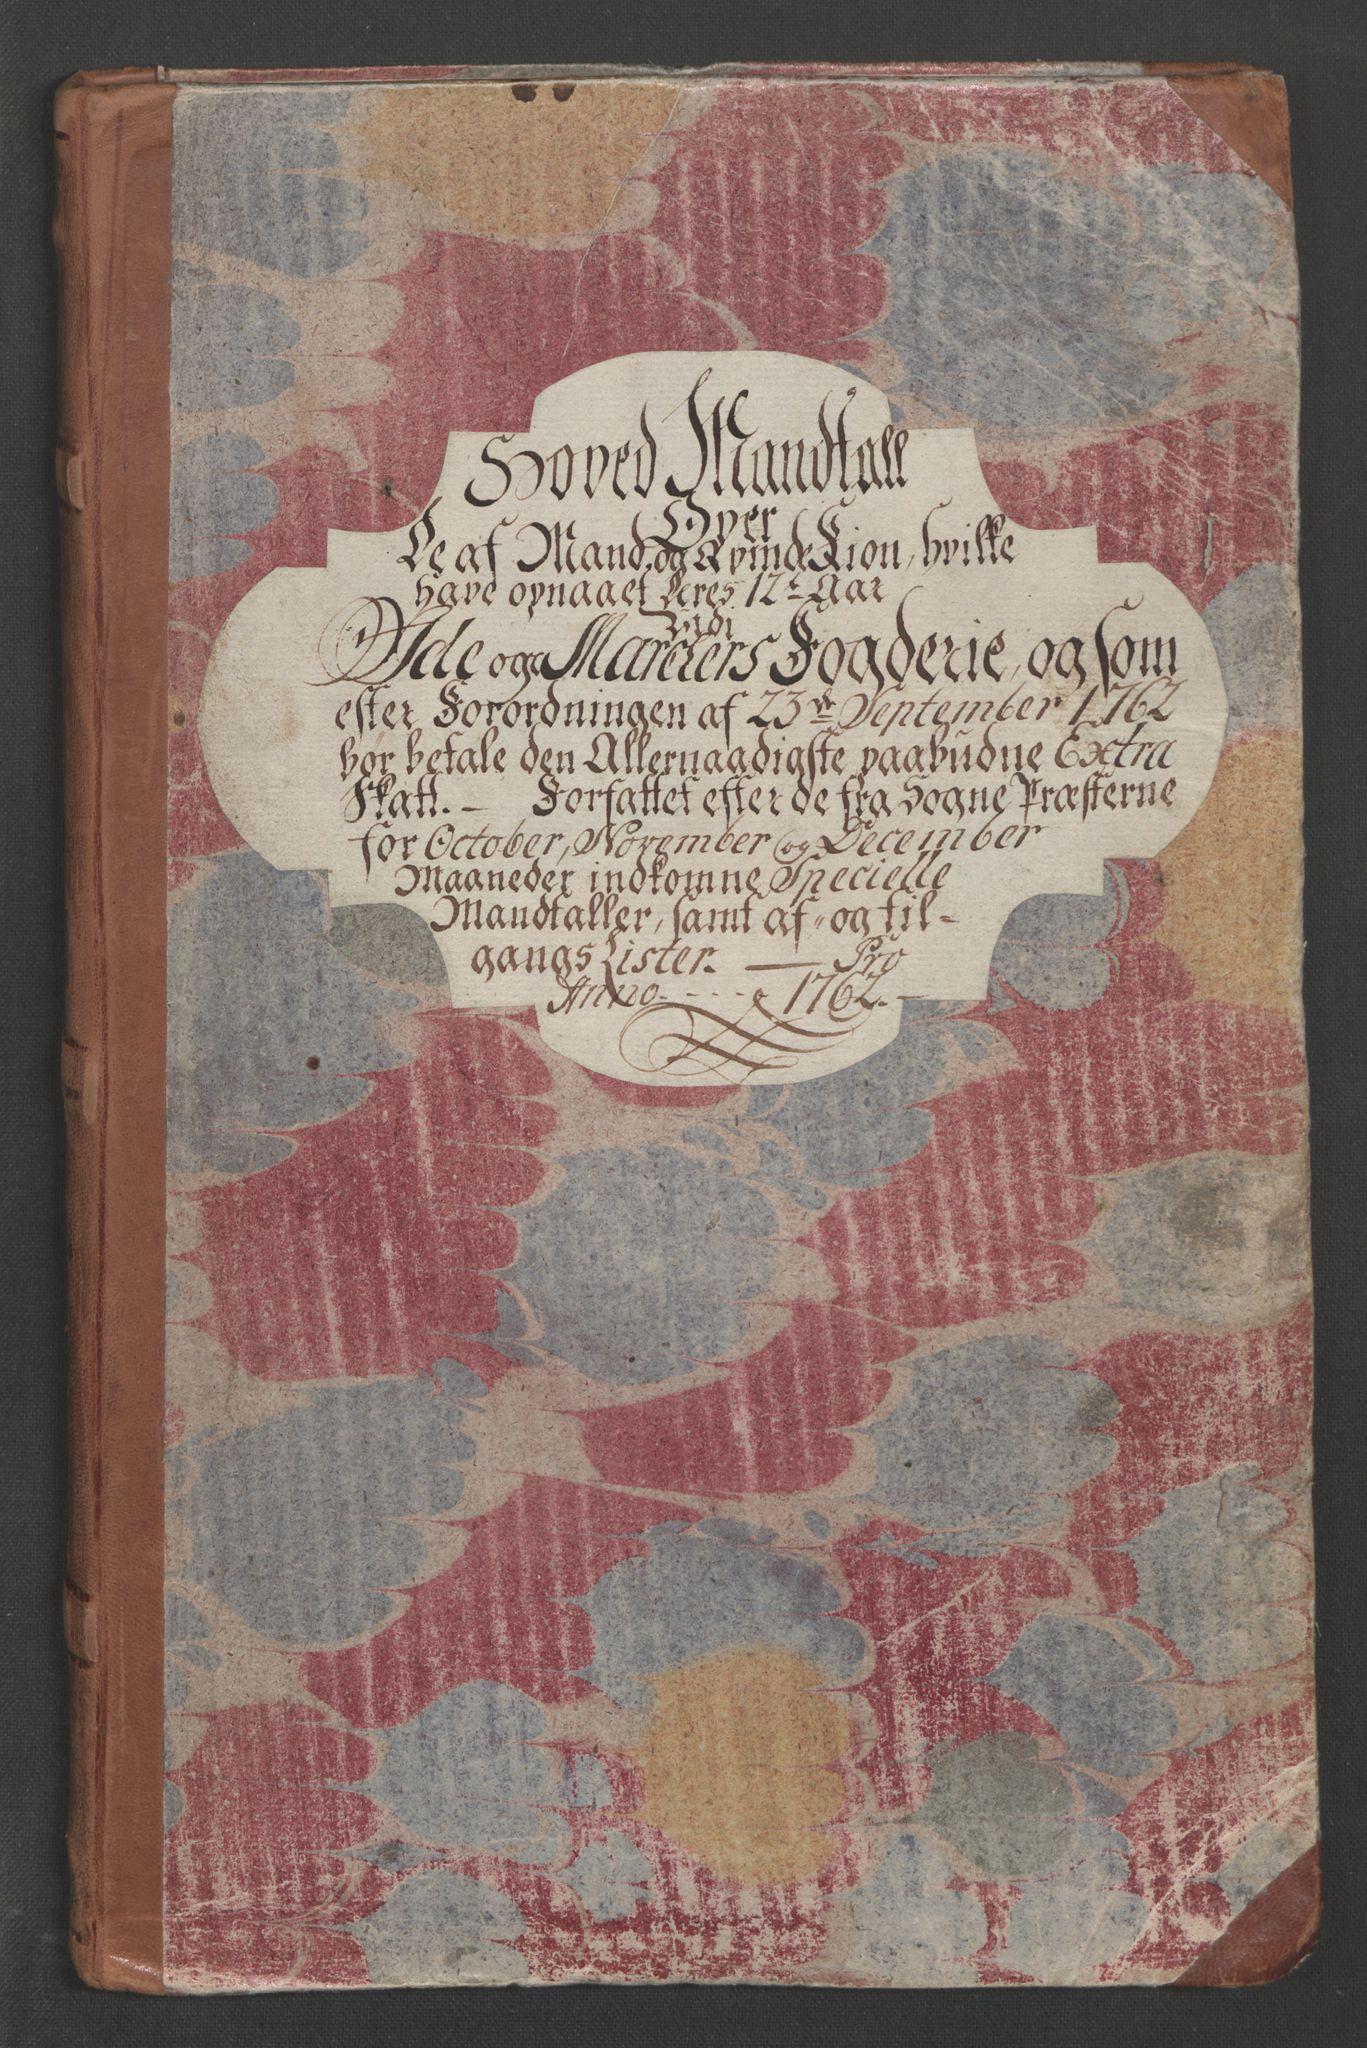 RA, Rentekammeret inntil 1814, Reviderte regnskaper, Fogderegnskap, R01/L0097: Ekstraskatten Idd og Marker, 1756-1767, s. 12